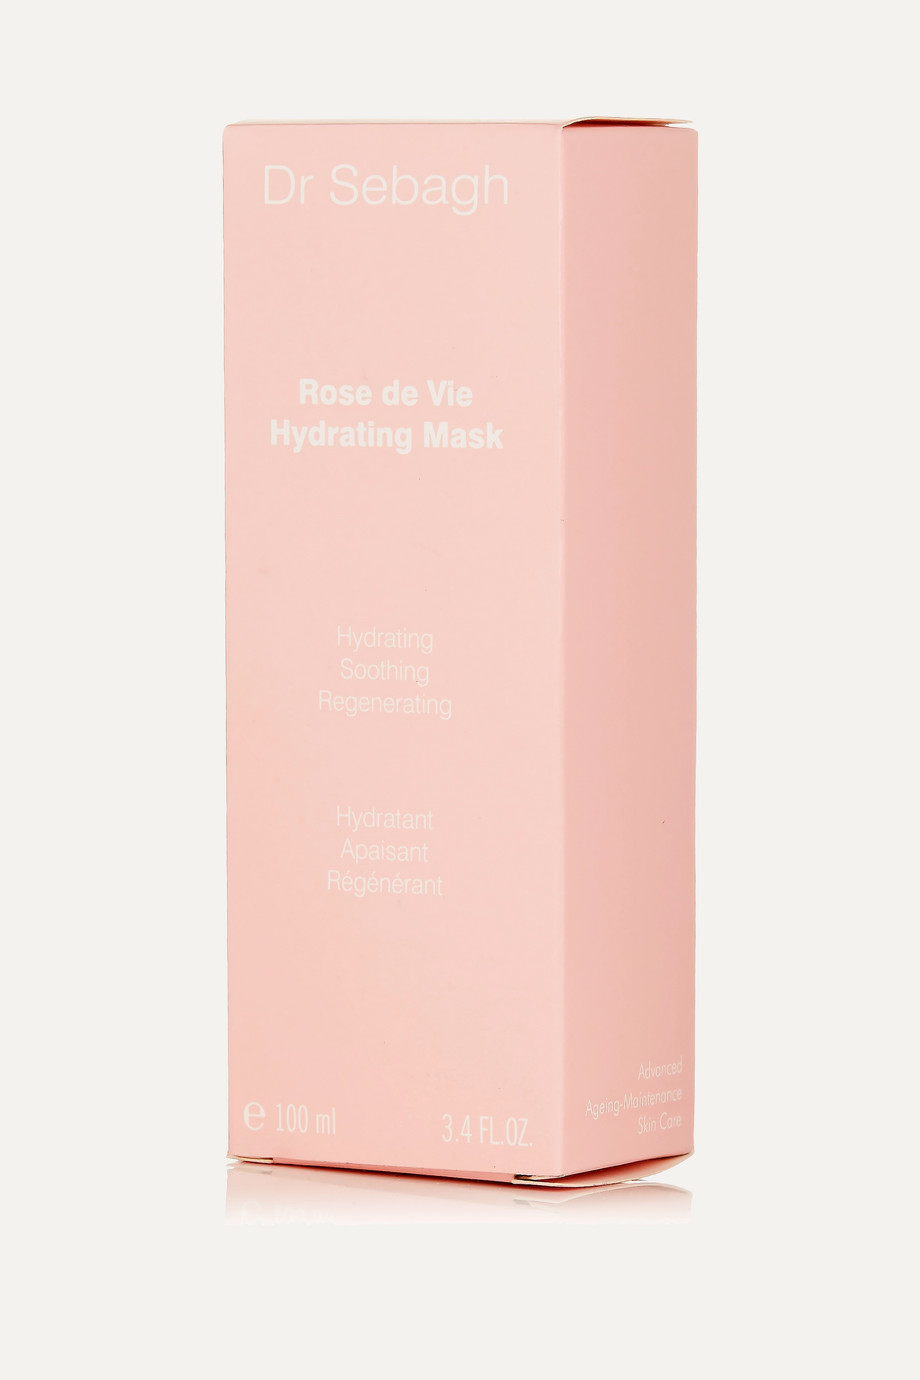 Dr Sebagh Rose de Vie Hydrating Mask, 100 ml – Gesichtsmaske